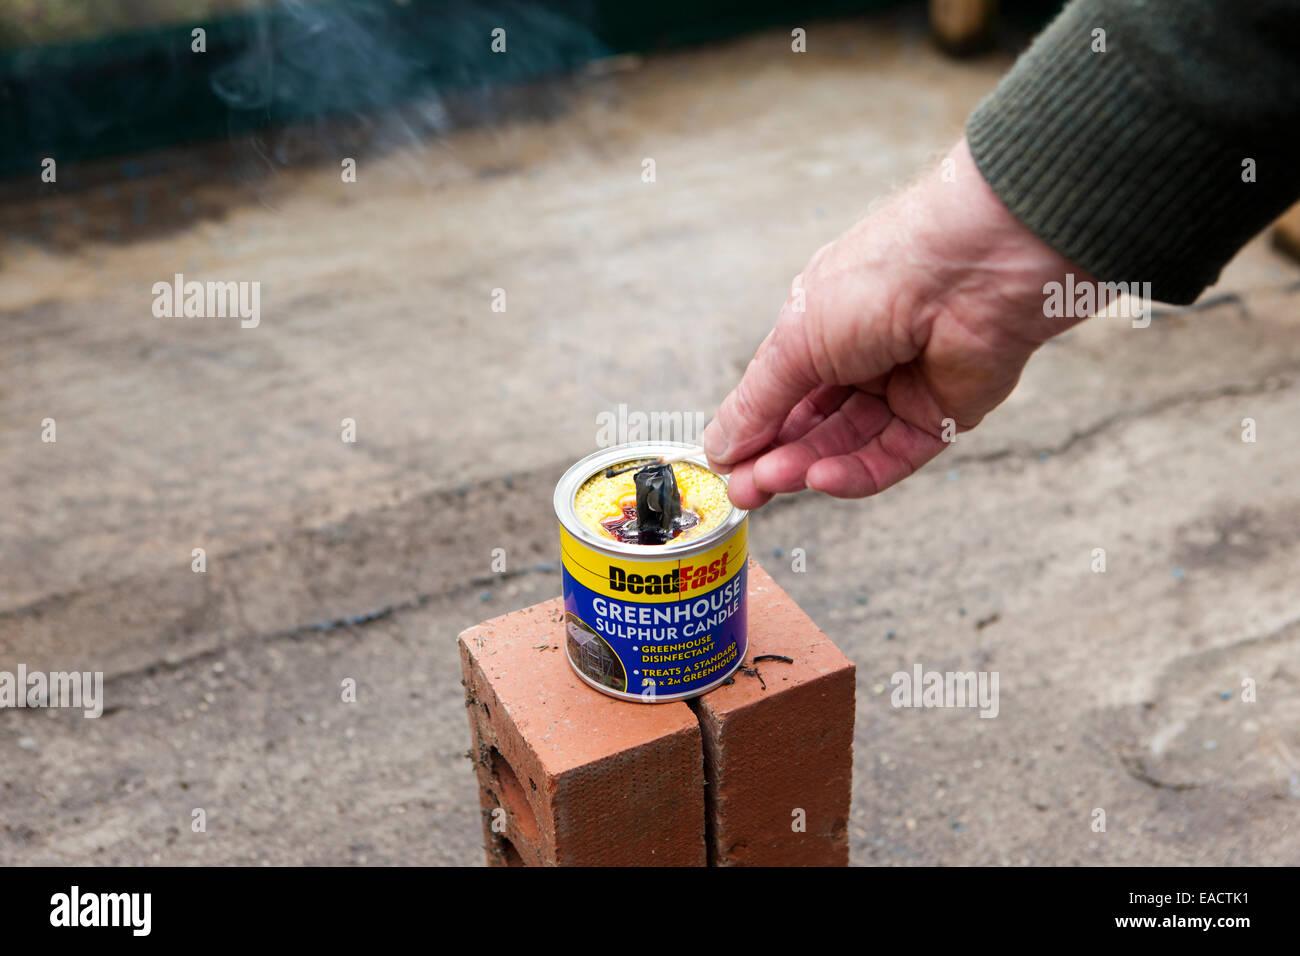 Reinigung Ein Gewachshaus Mit Einer Rauchbombe Granate Schwefel